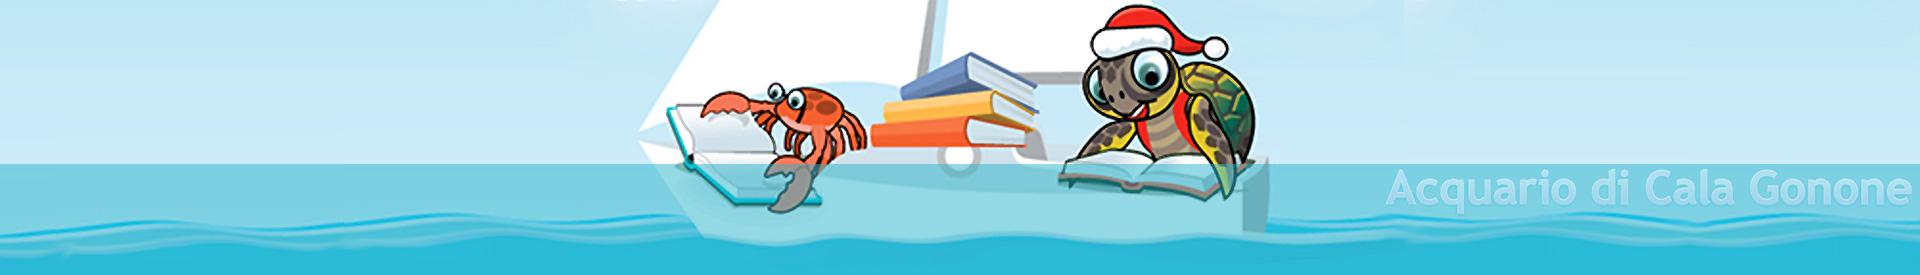 Libridamare libri e letture in barca a natale all for Acquario aperto prezzi